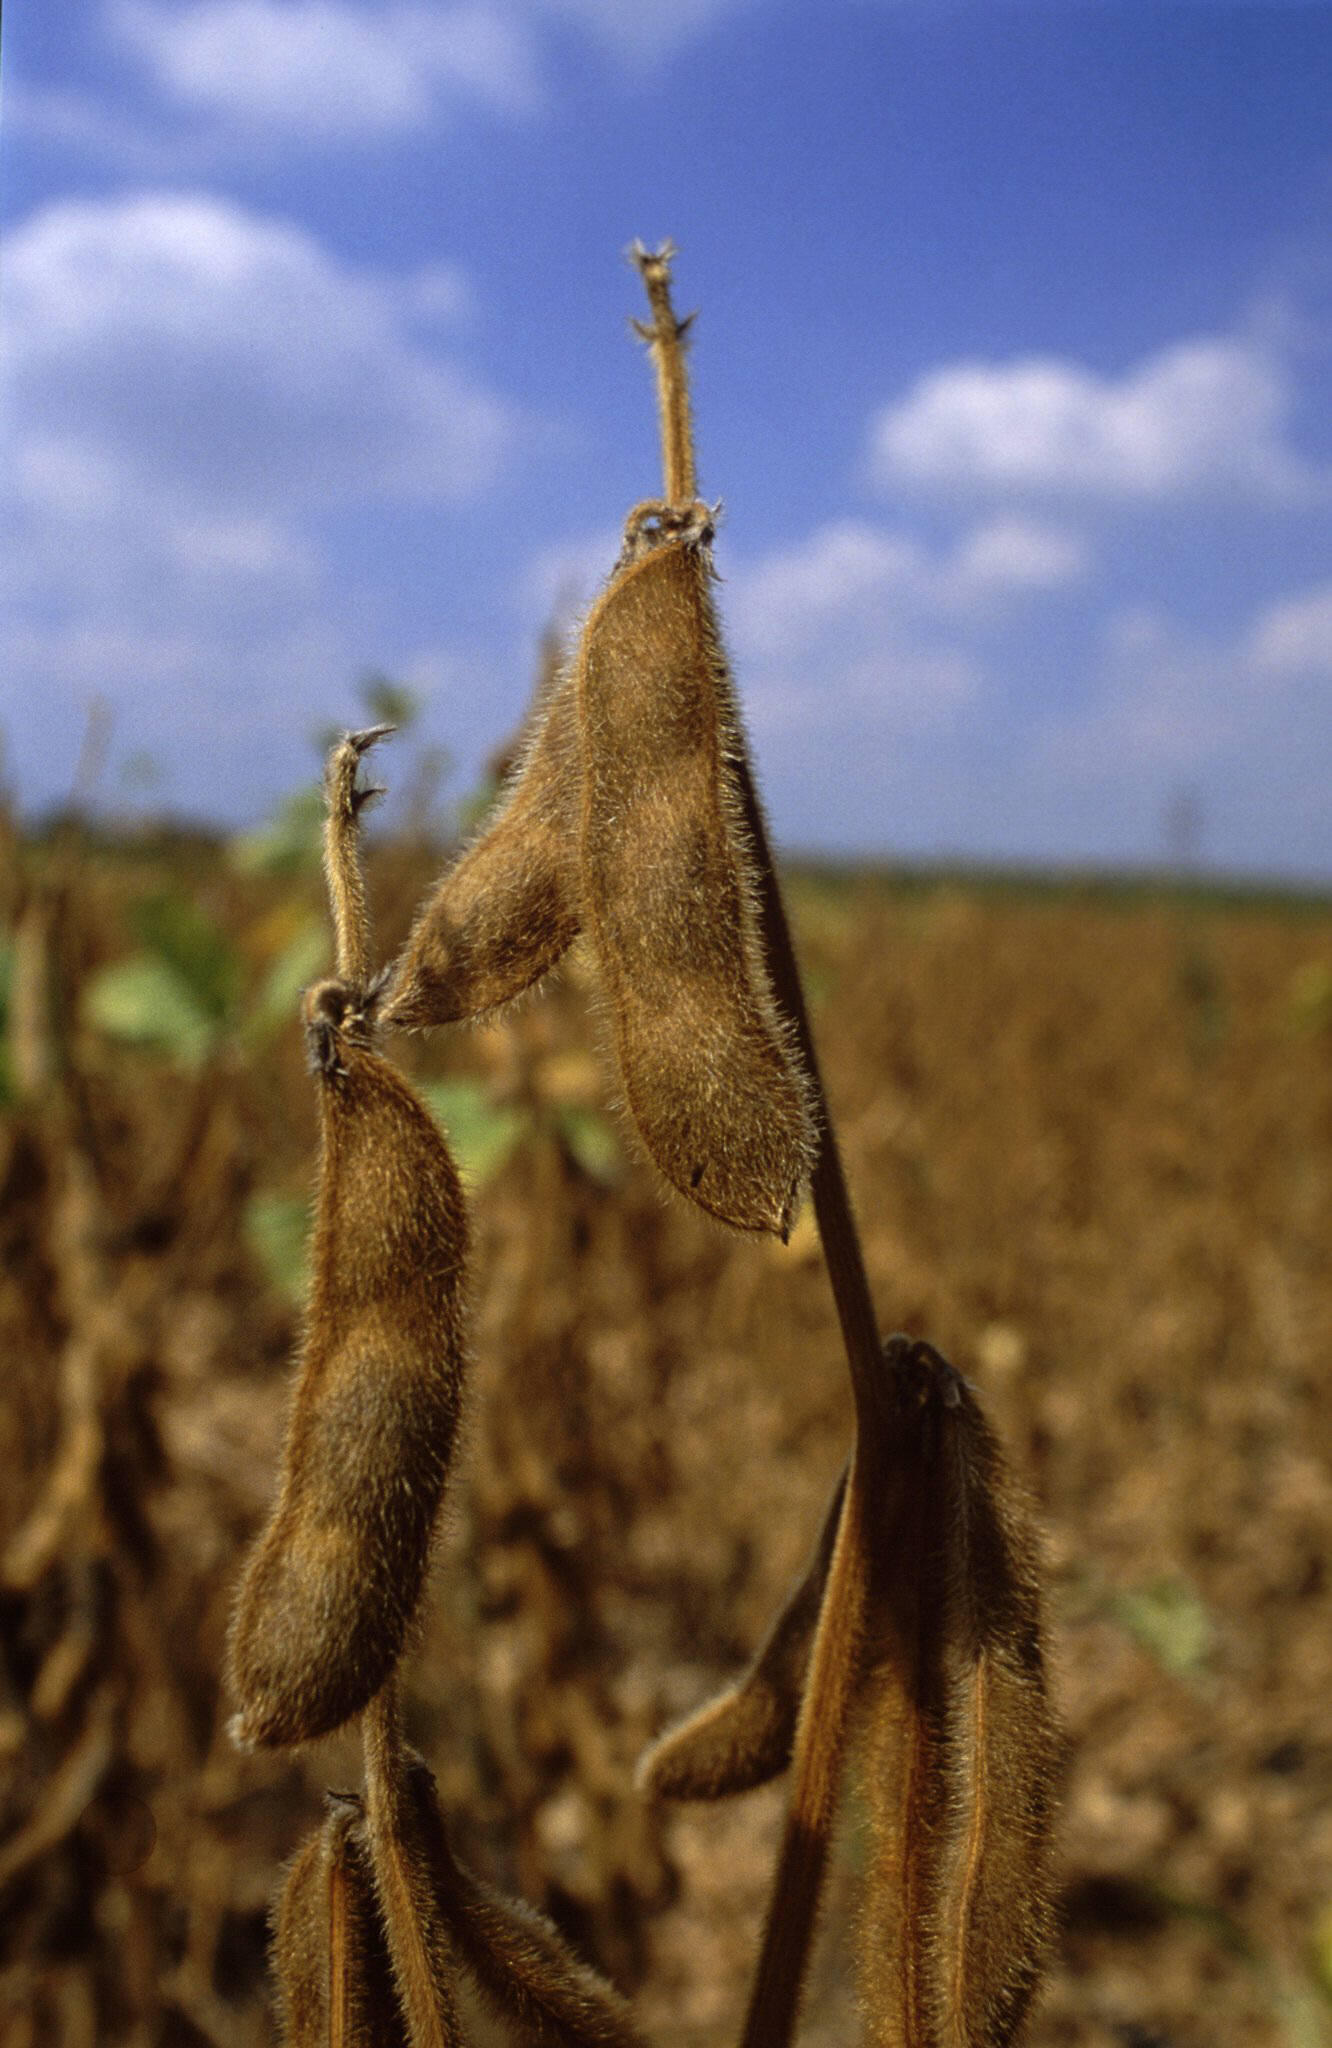 Le Burkina Faso produit actuellement moins de 20 000 tonnes de soja par an. Le pays veut atteindre 100 000 tonnes en 2020. Notre photo: gousses de soja.